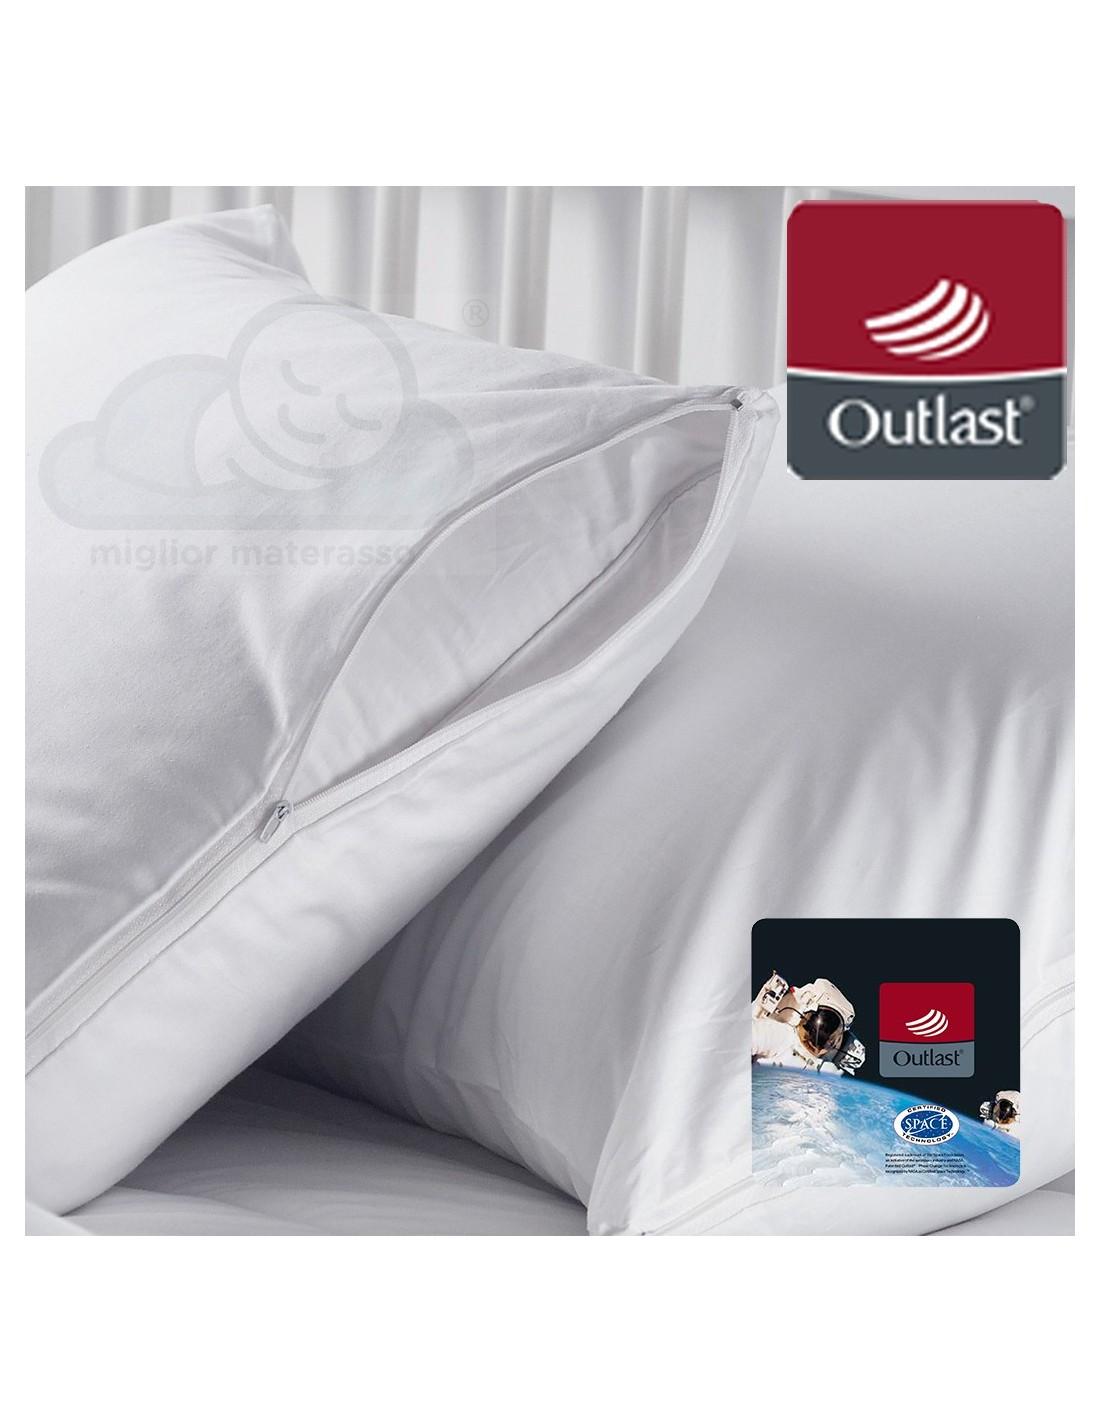 Federa copricuscino fresca basta calore e umidit dormi